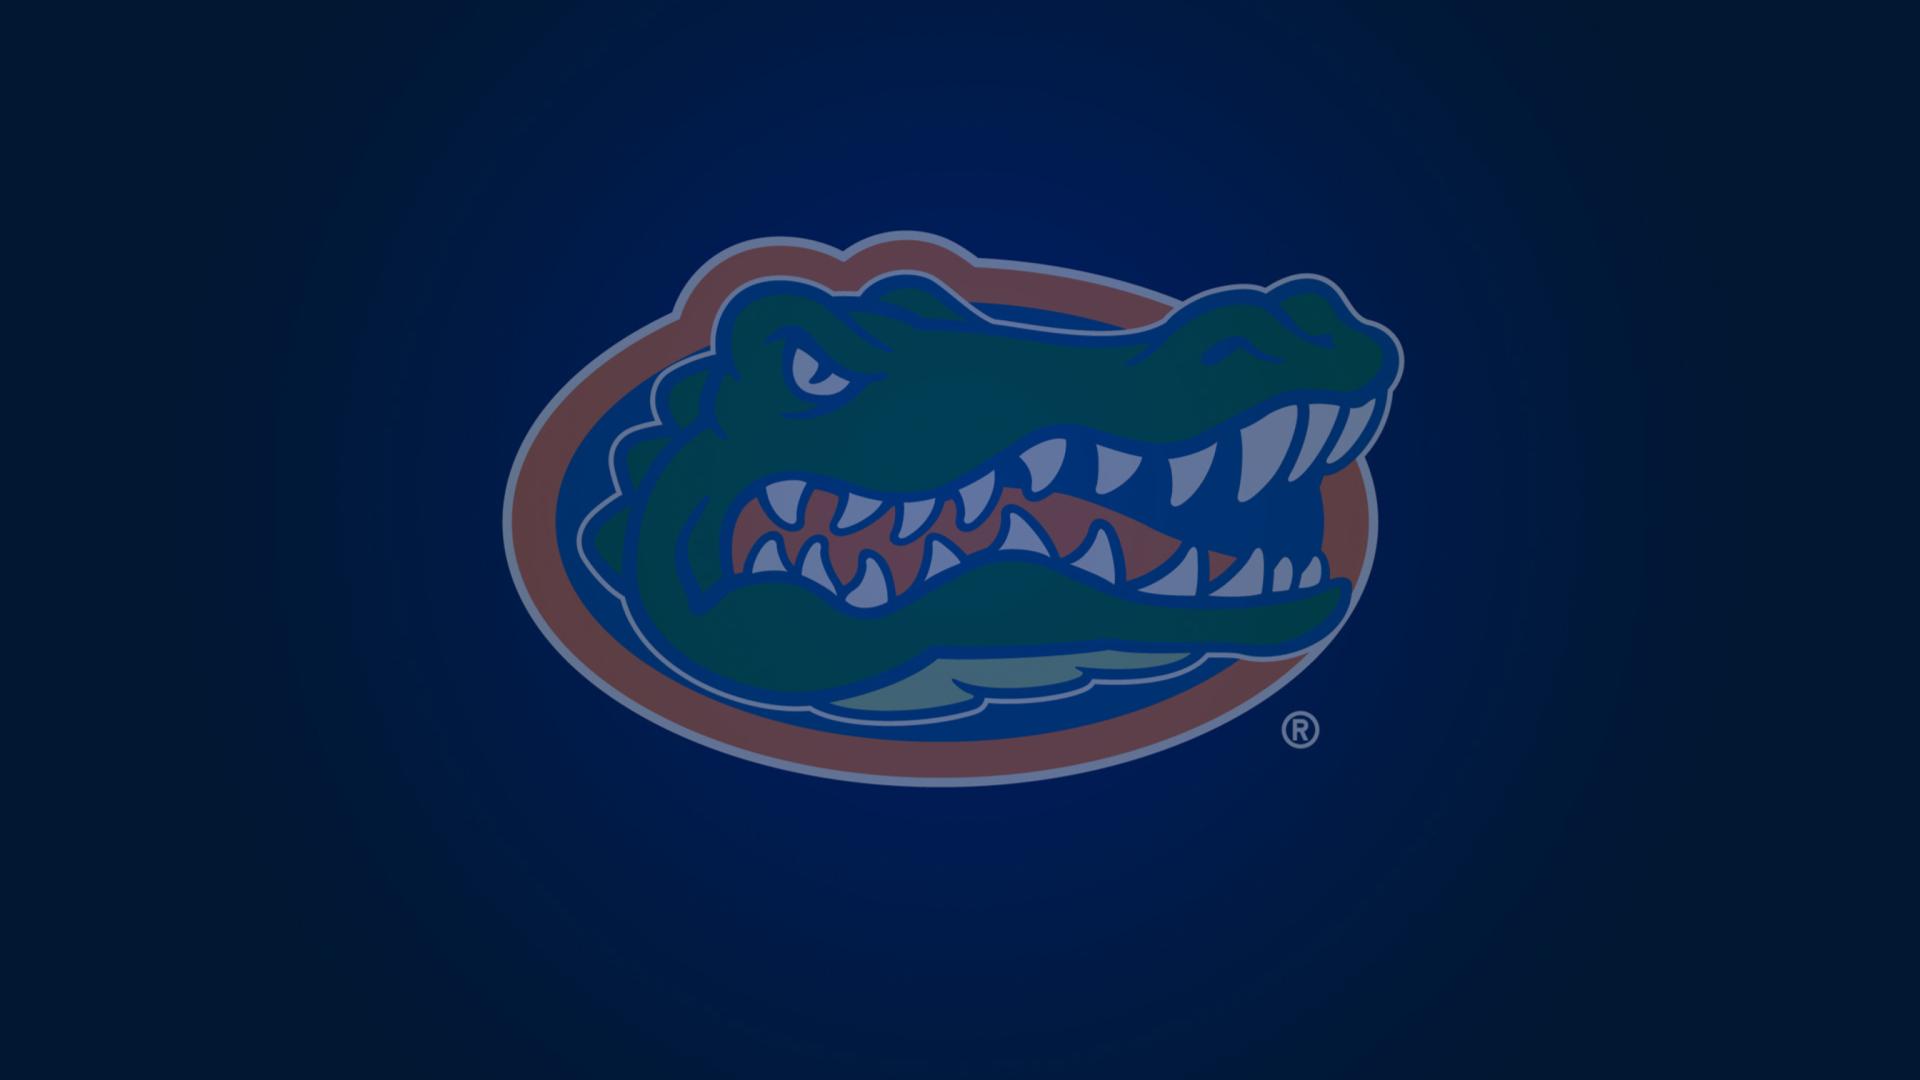 ... florida-gators-wallpaper ...